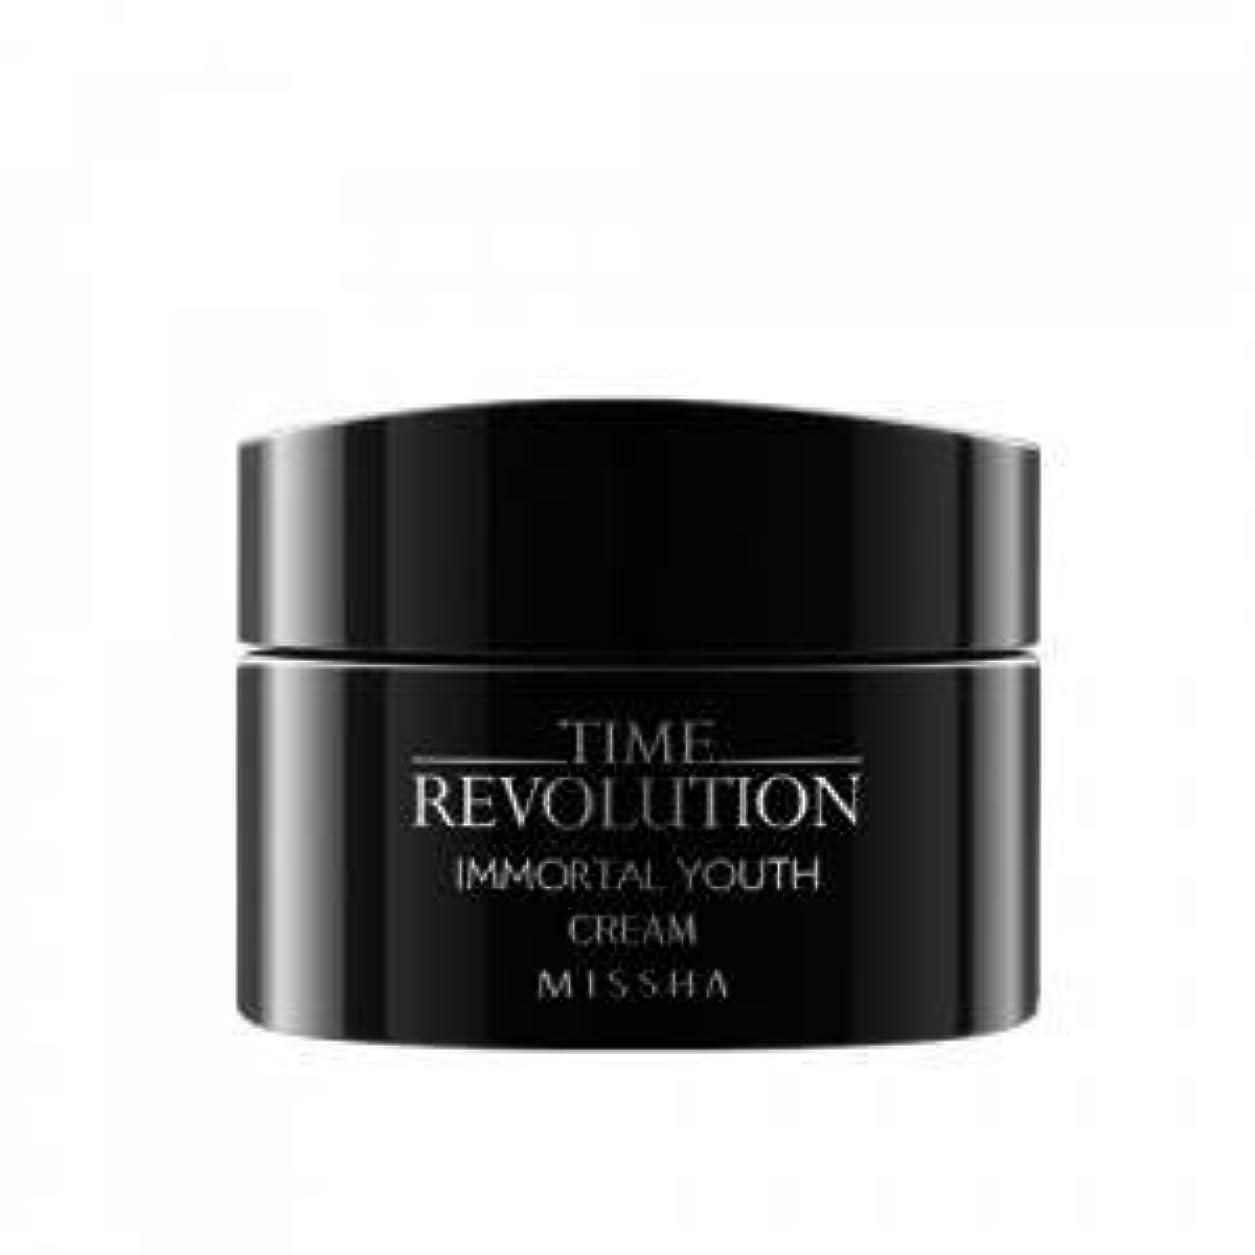 基準骨髄漂流【MISSHA (ミシャ)】 Time Revolution Immortal Youth Cream タイムレボリューション イモータルユース クリーム